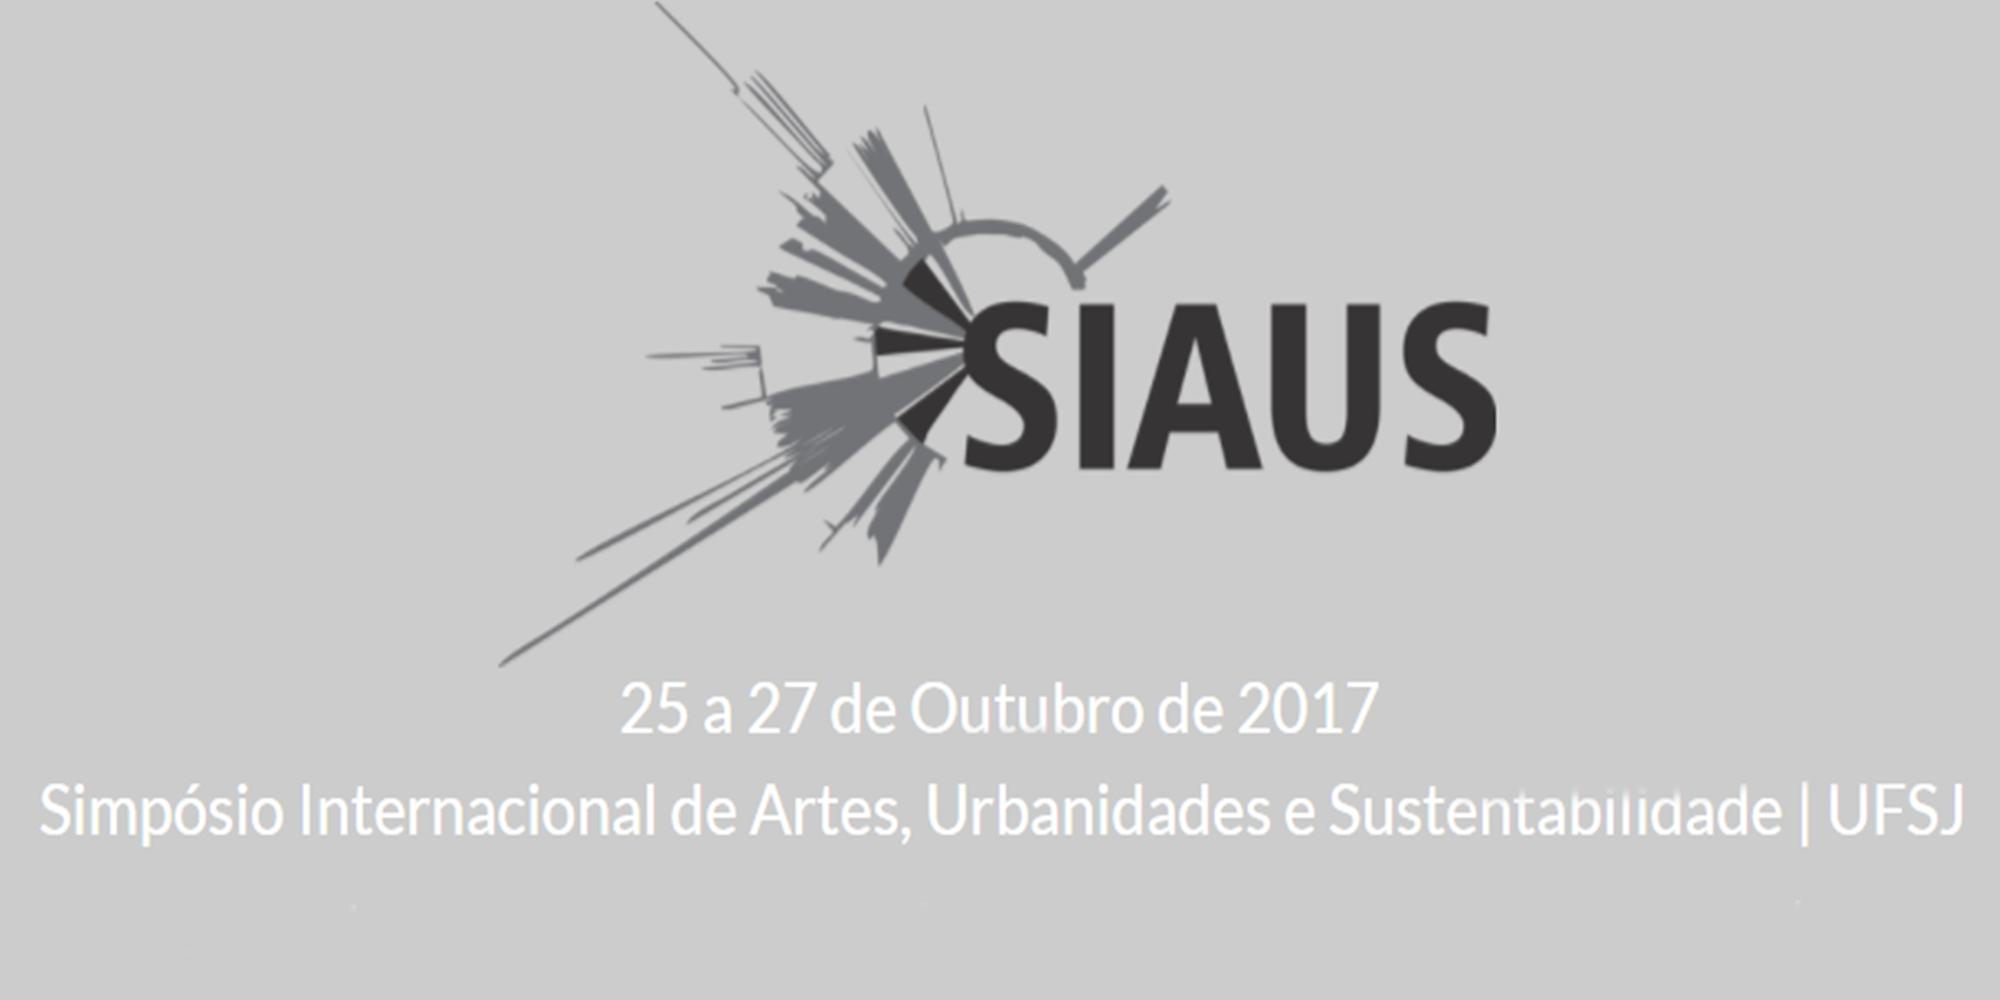 Submissão de trabalhos no 1º Simpósio Internacional: Conectando Artes, Urbanidades e Sustentabilidade, UFSJ